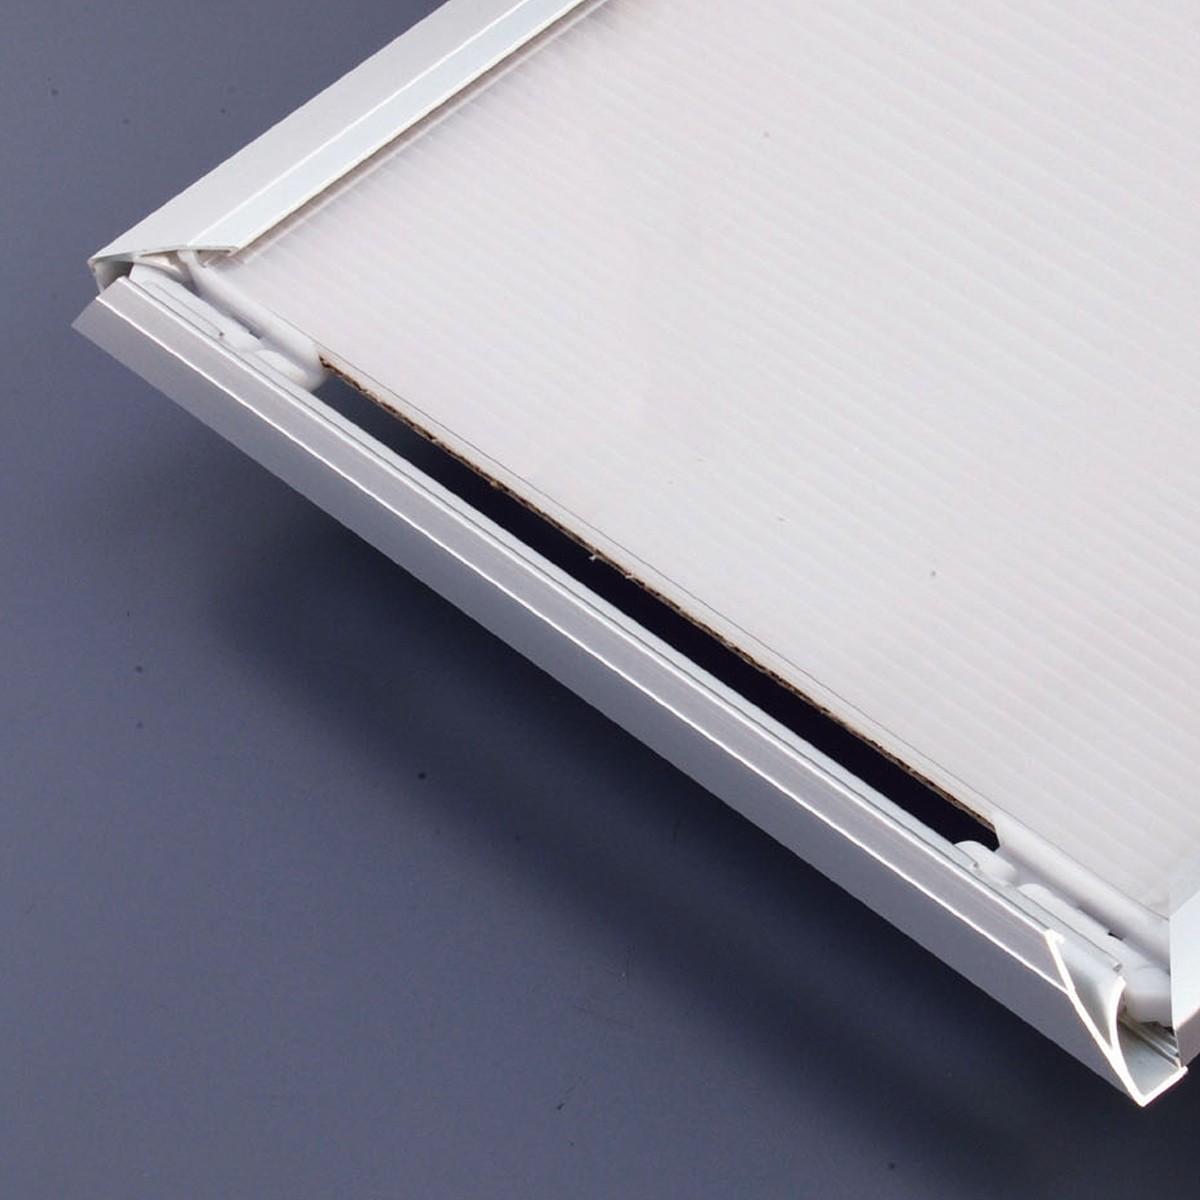 額縁 アルミ製 VE-1 前開きクリックフレーム A0サイズ 【 展示 発表 額縁 水彩 】